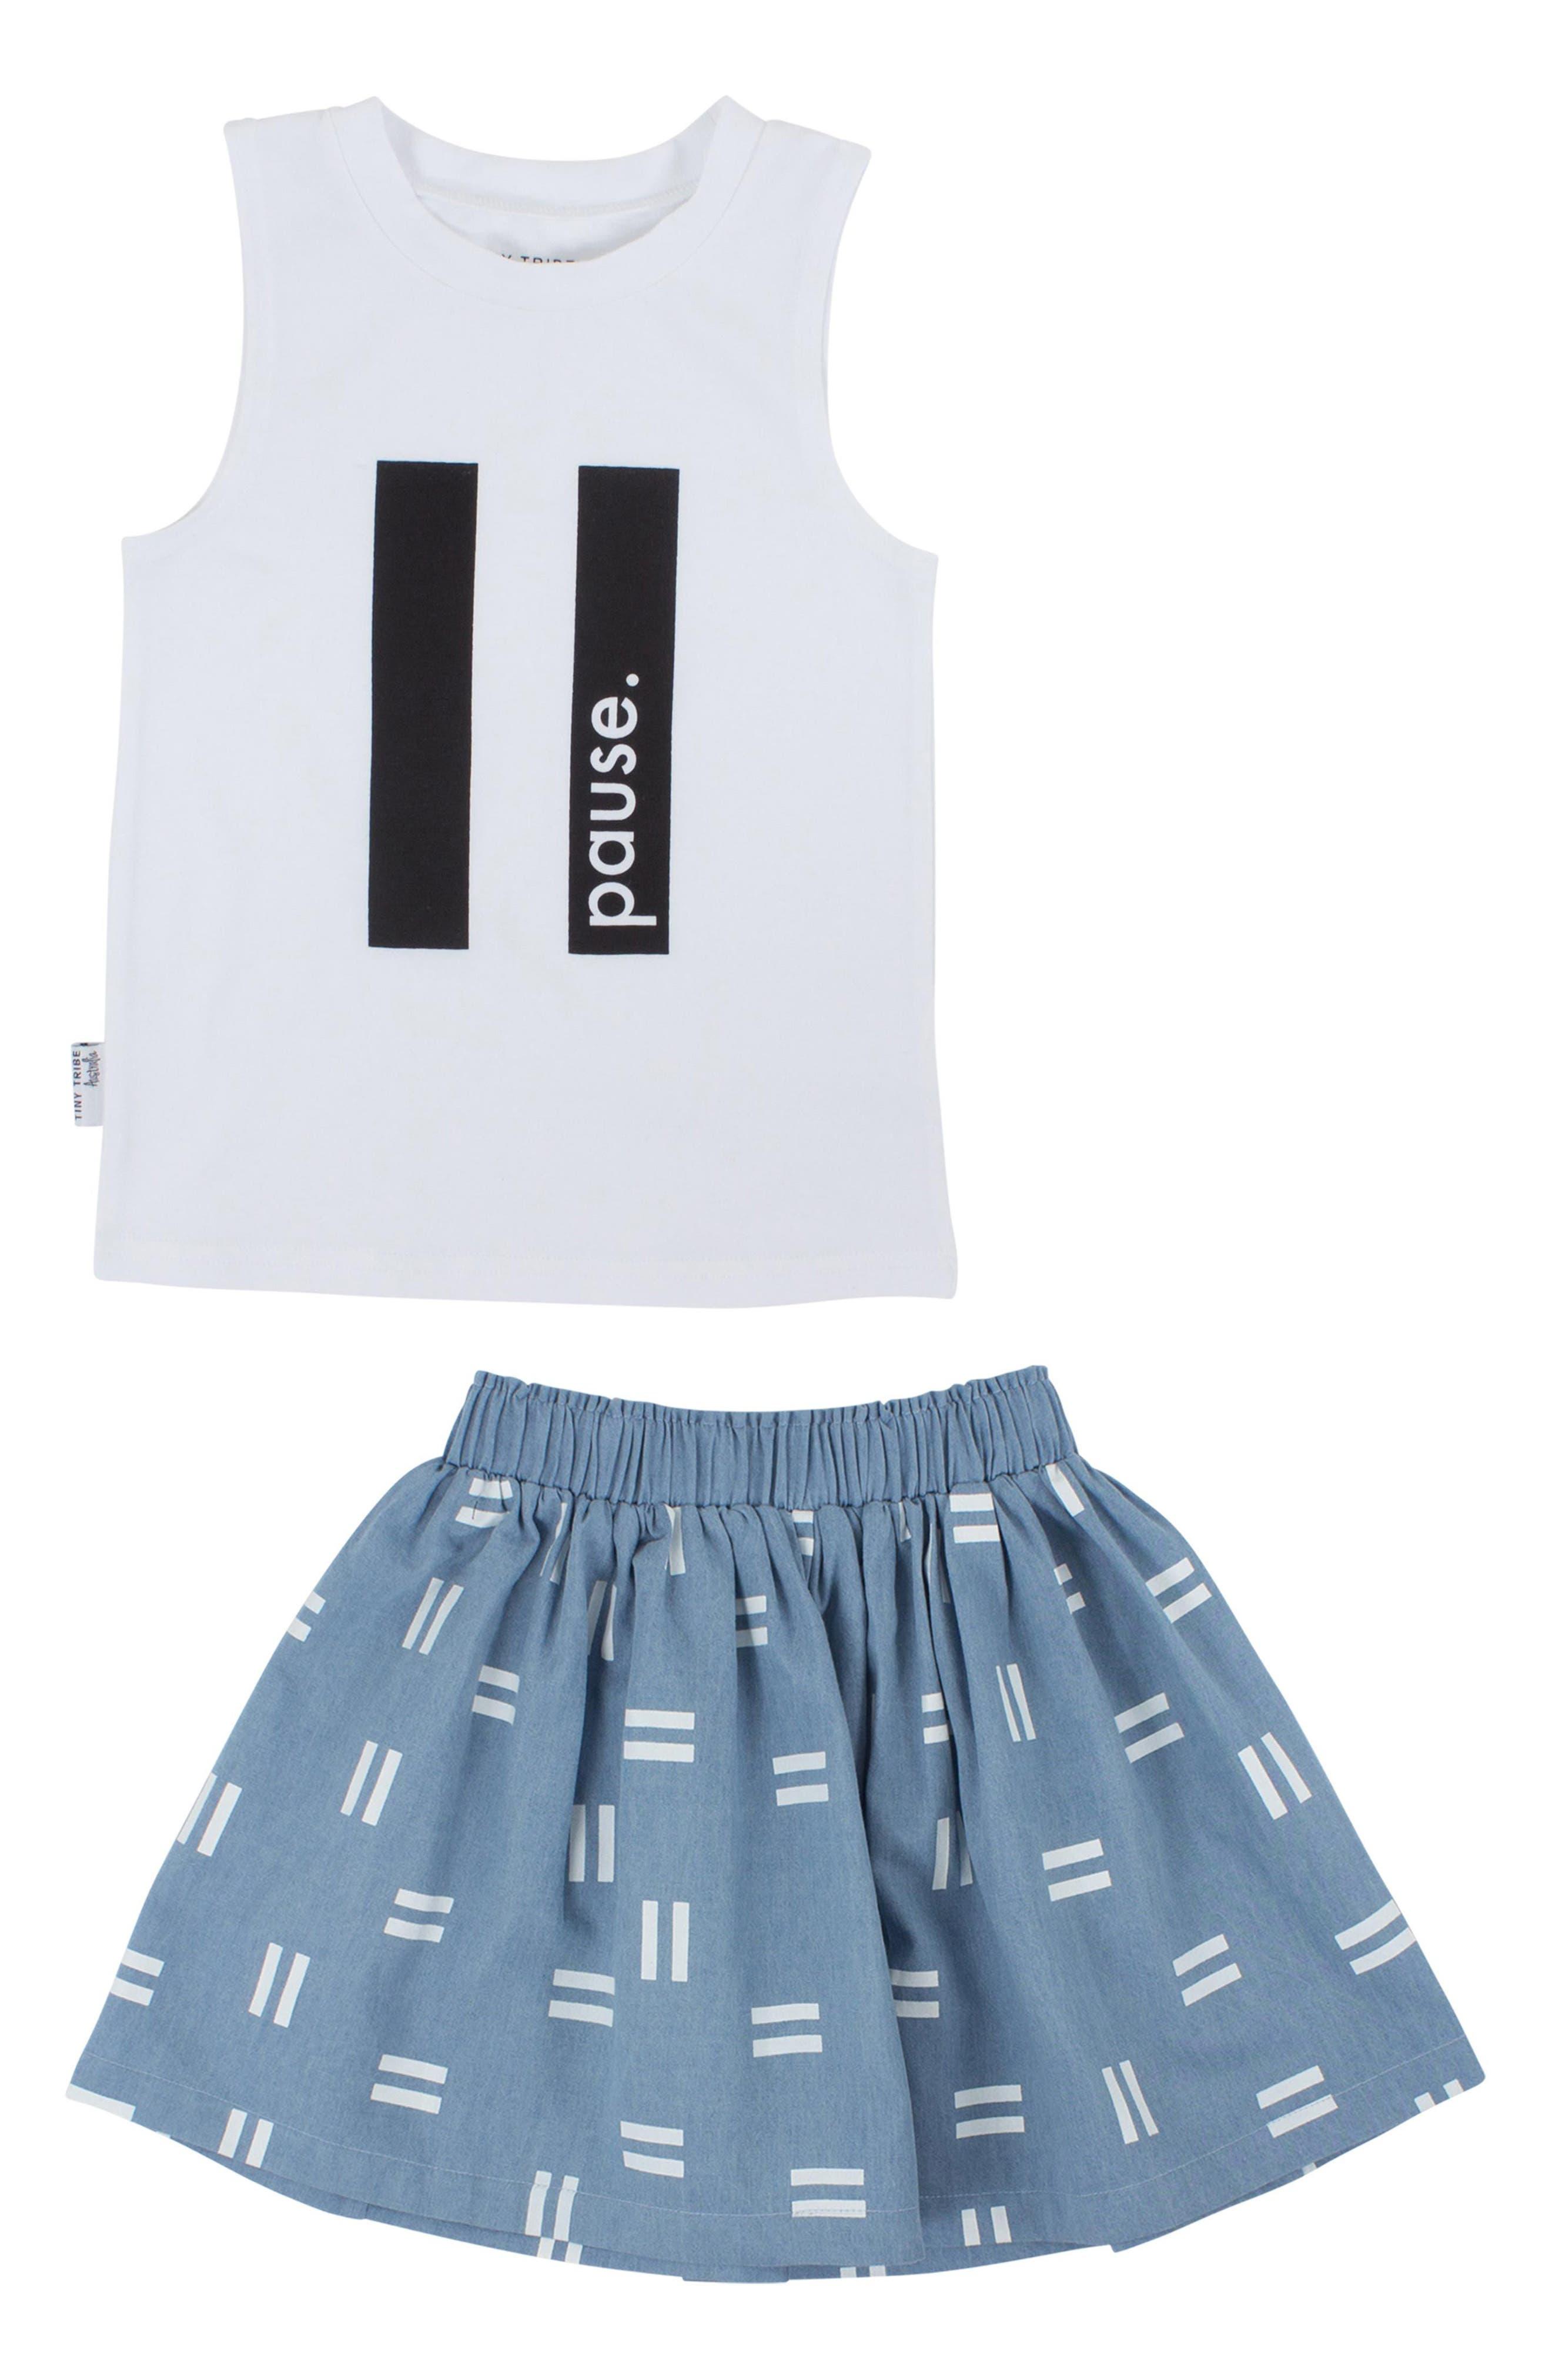 Pause Tank & Chambray Skirt Set,                             Main thumbnail 1, color,                             100